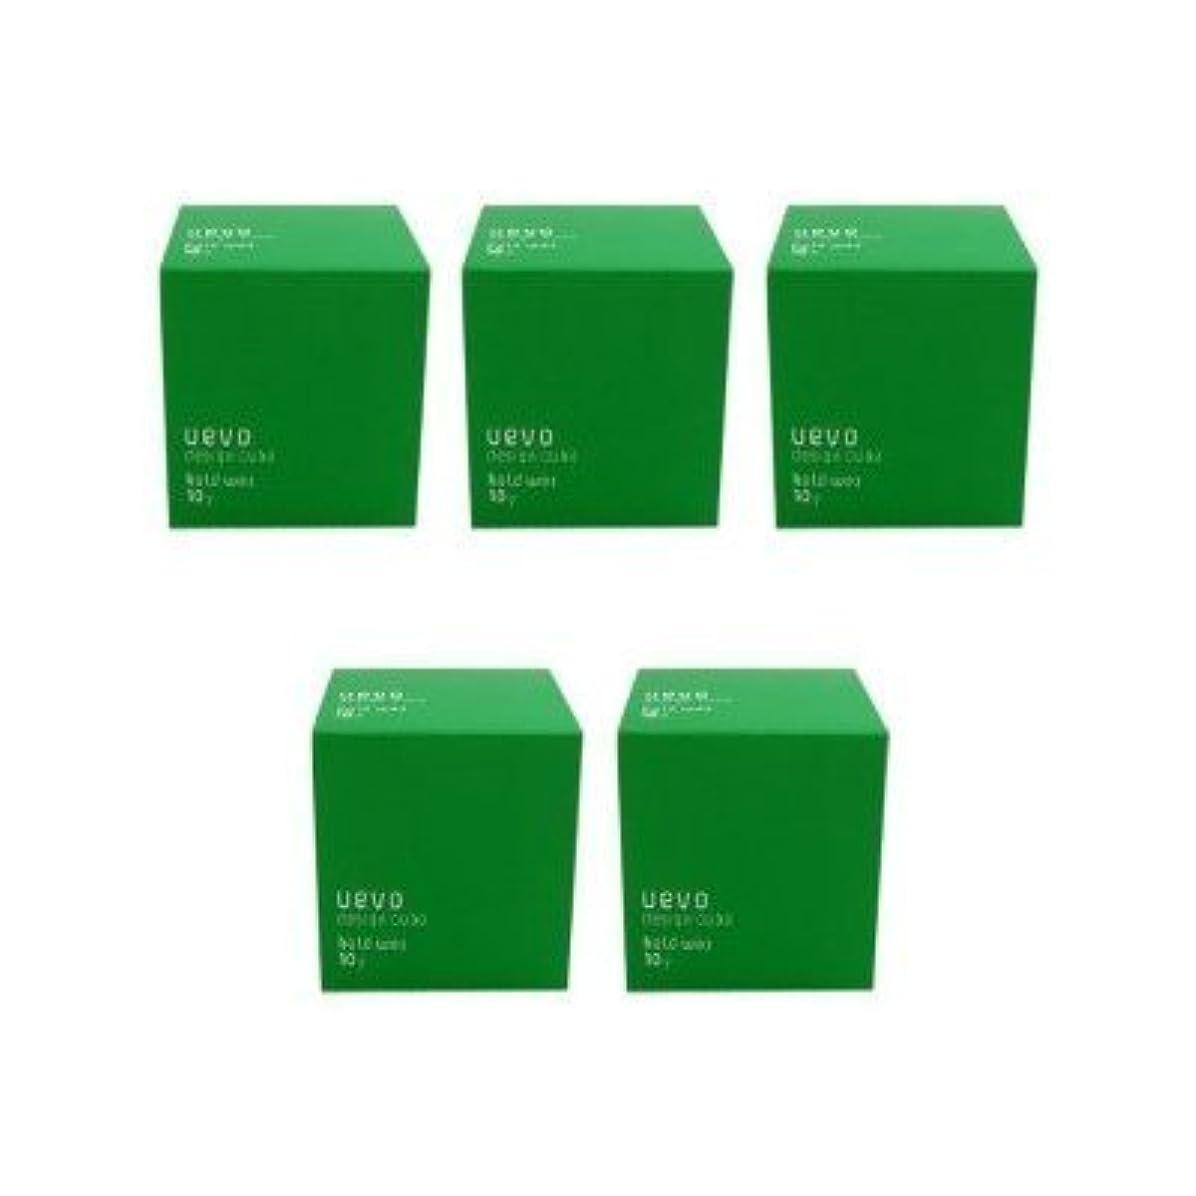 【X5個セット】 デミ ウェーボ デザインキューブ ホールドワックス 80g hold wax DEMI uevo design cube